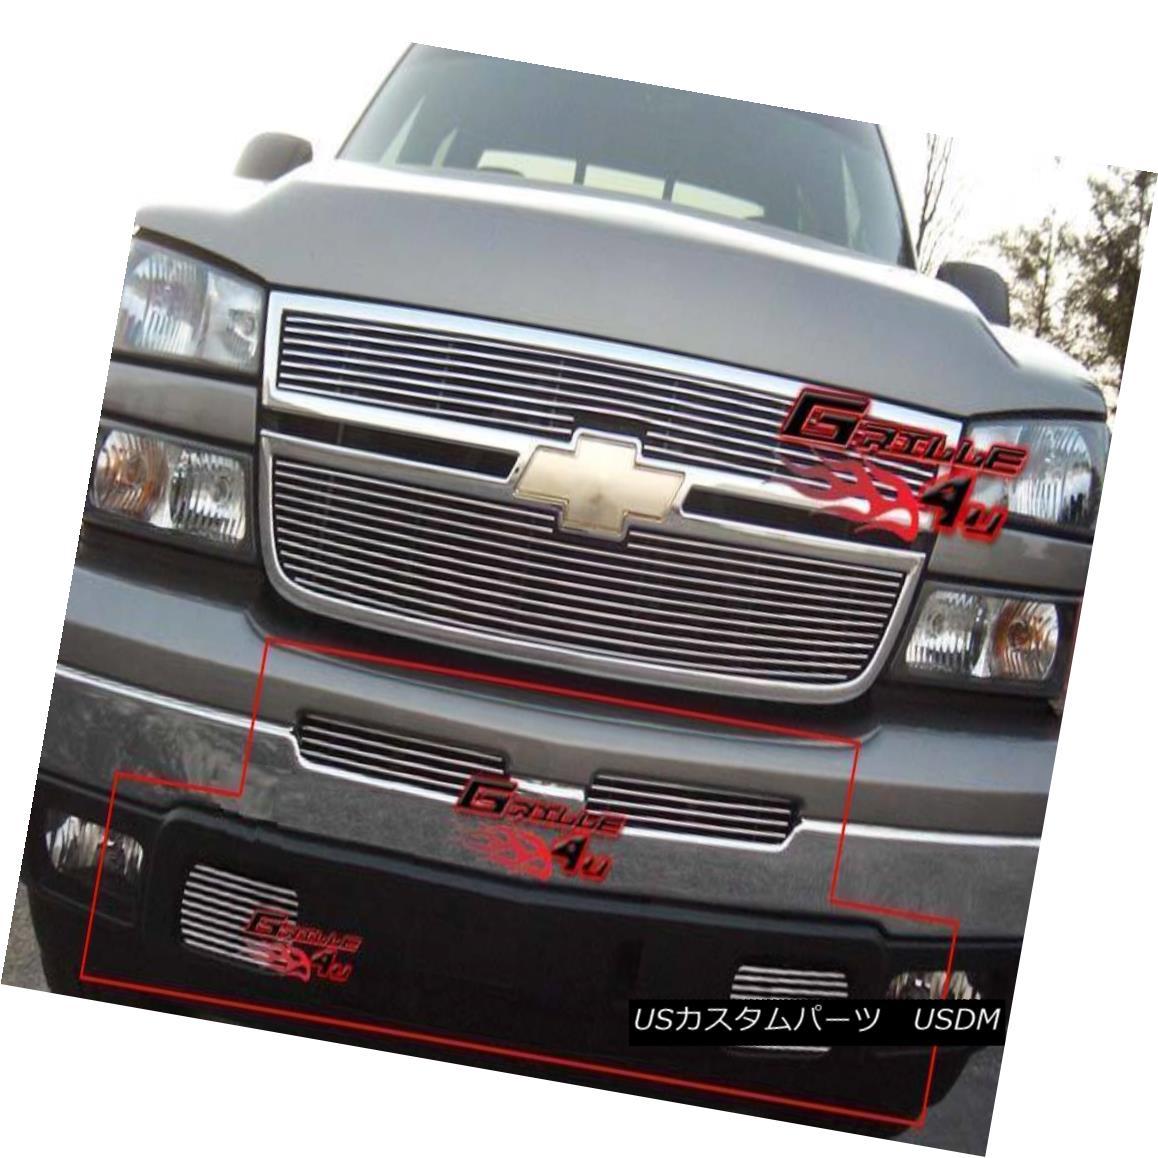 グリル Fits 03-06 Chevy Silverado 1500/2500 Billet Grille Combo フィット03-06 Chevy Silverado 1500/2500 Billet Grille Combo